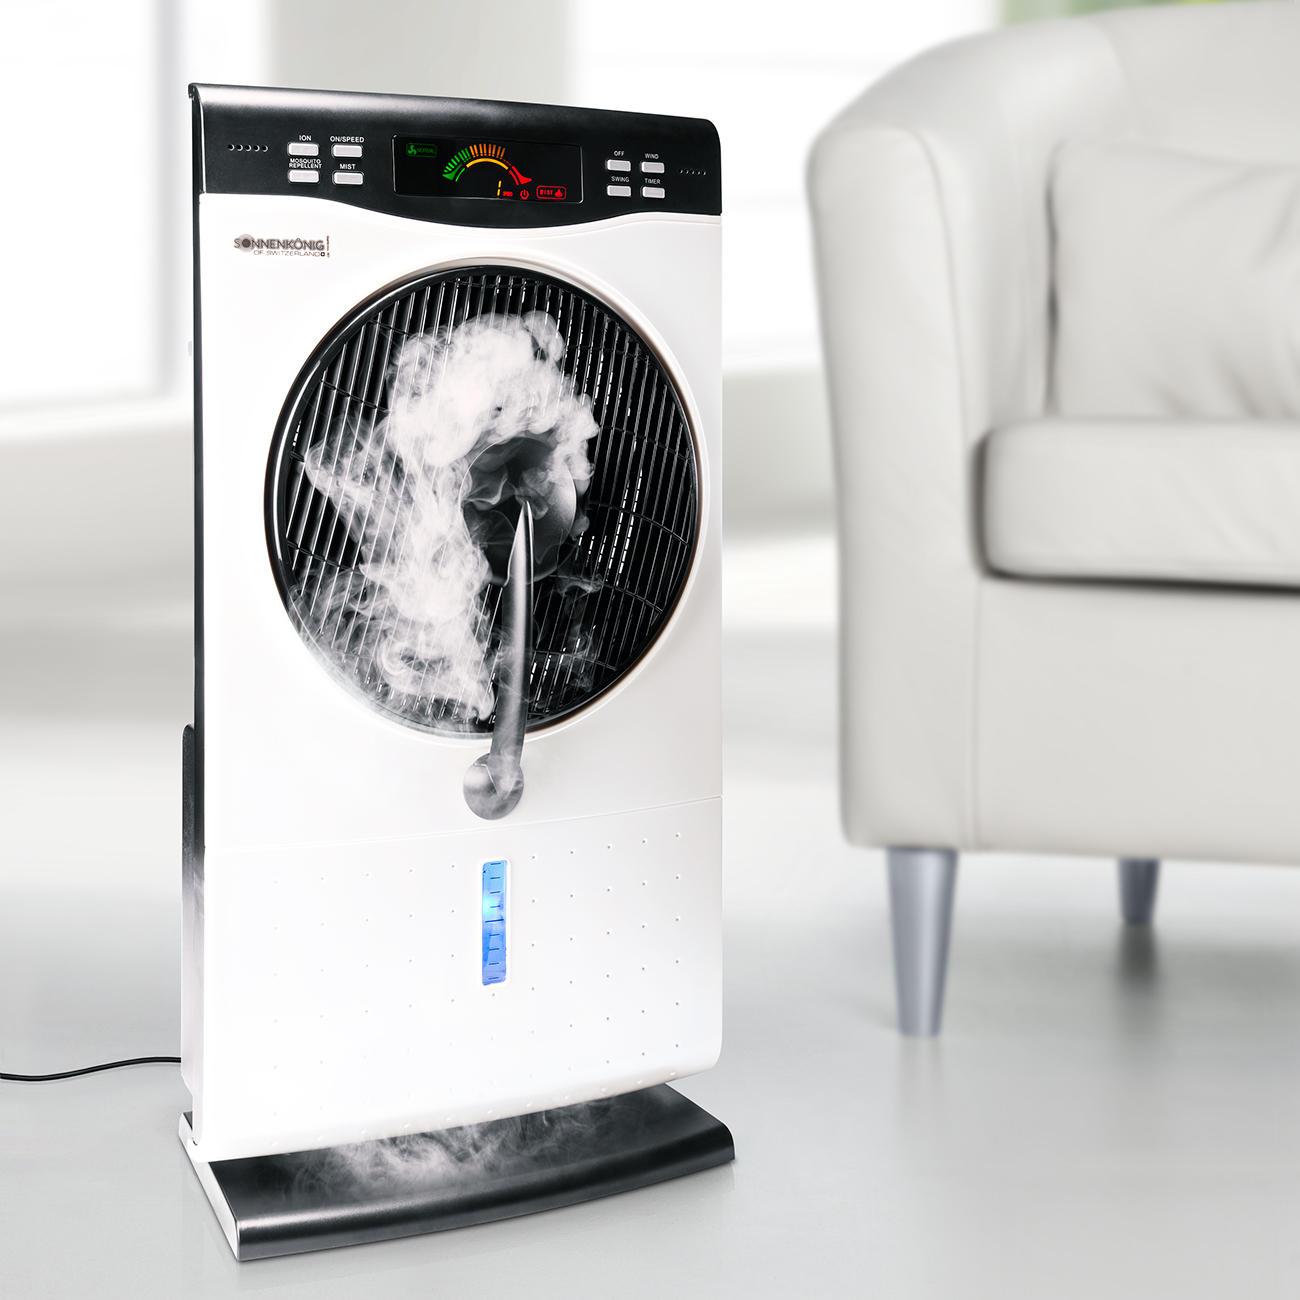 Blickfang Luft Befeuchten Foto Von Air Fresh Nebelventilator - Das Ultimative Klimawunder: